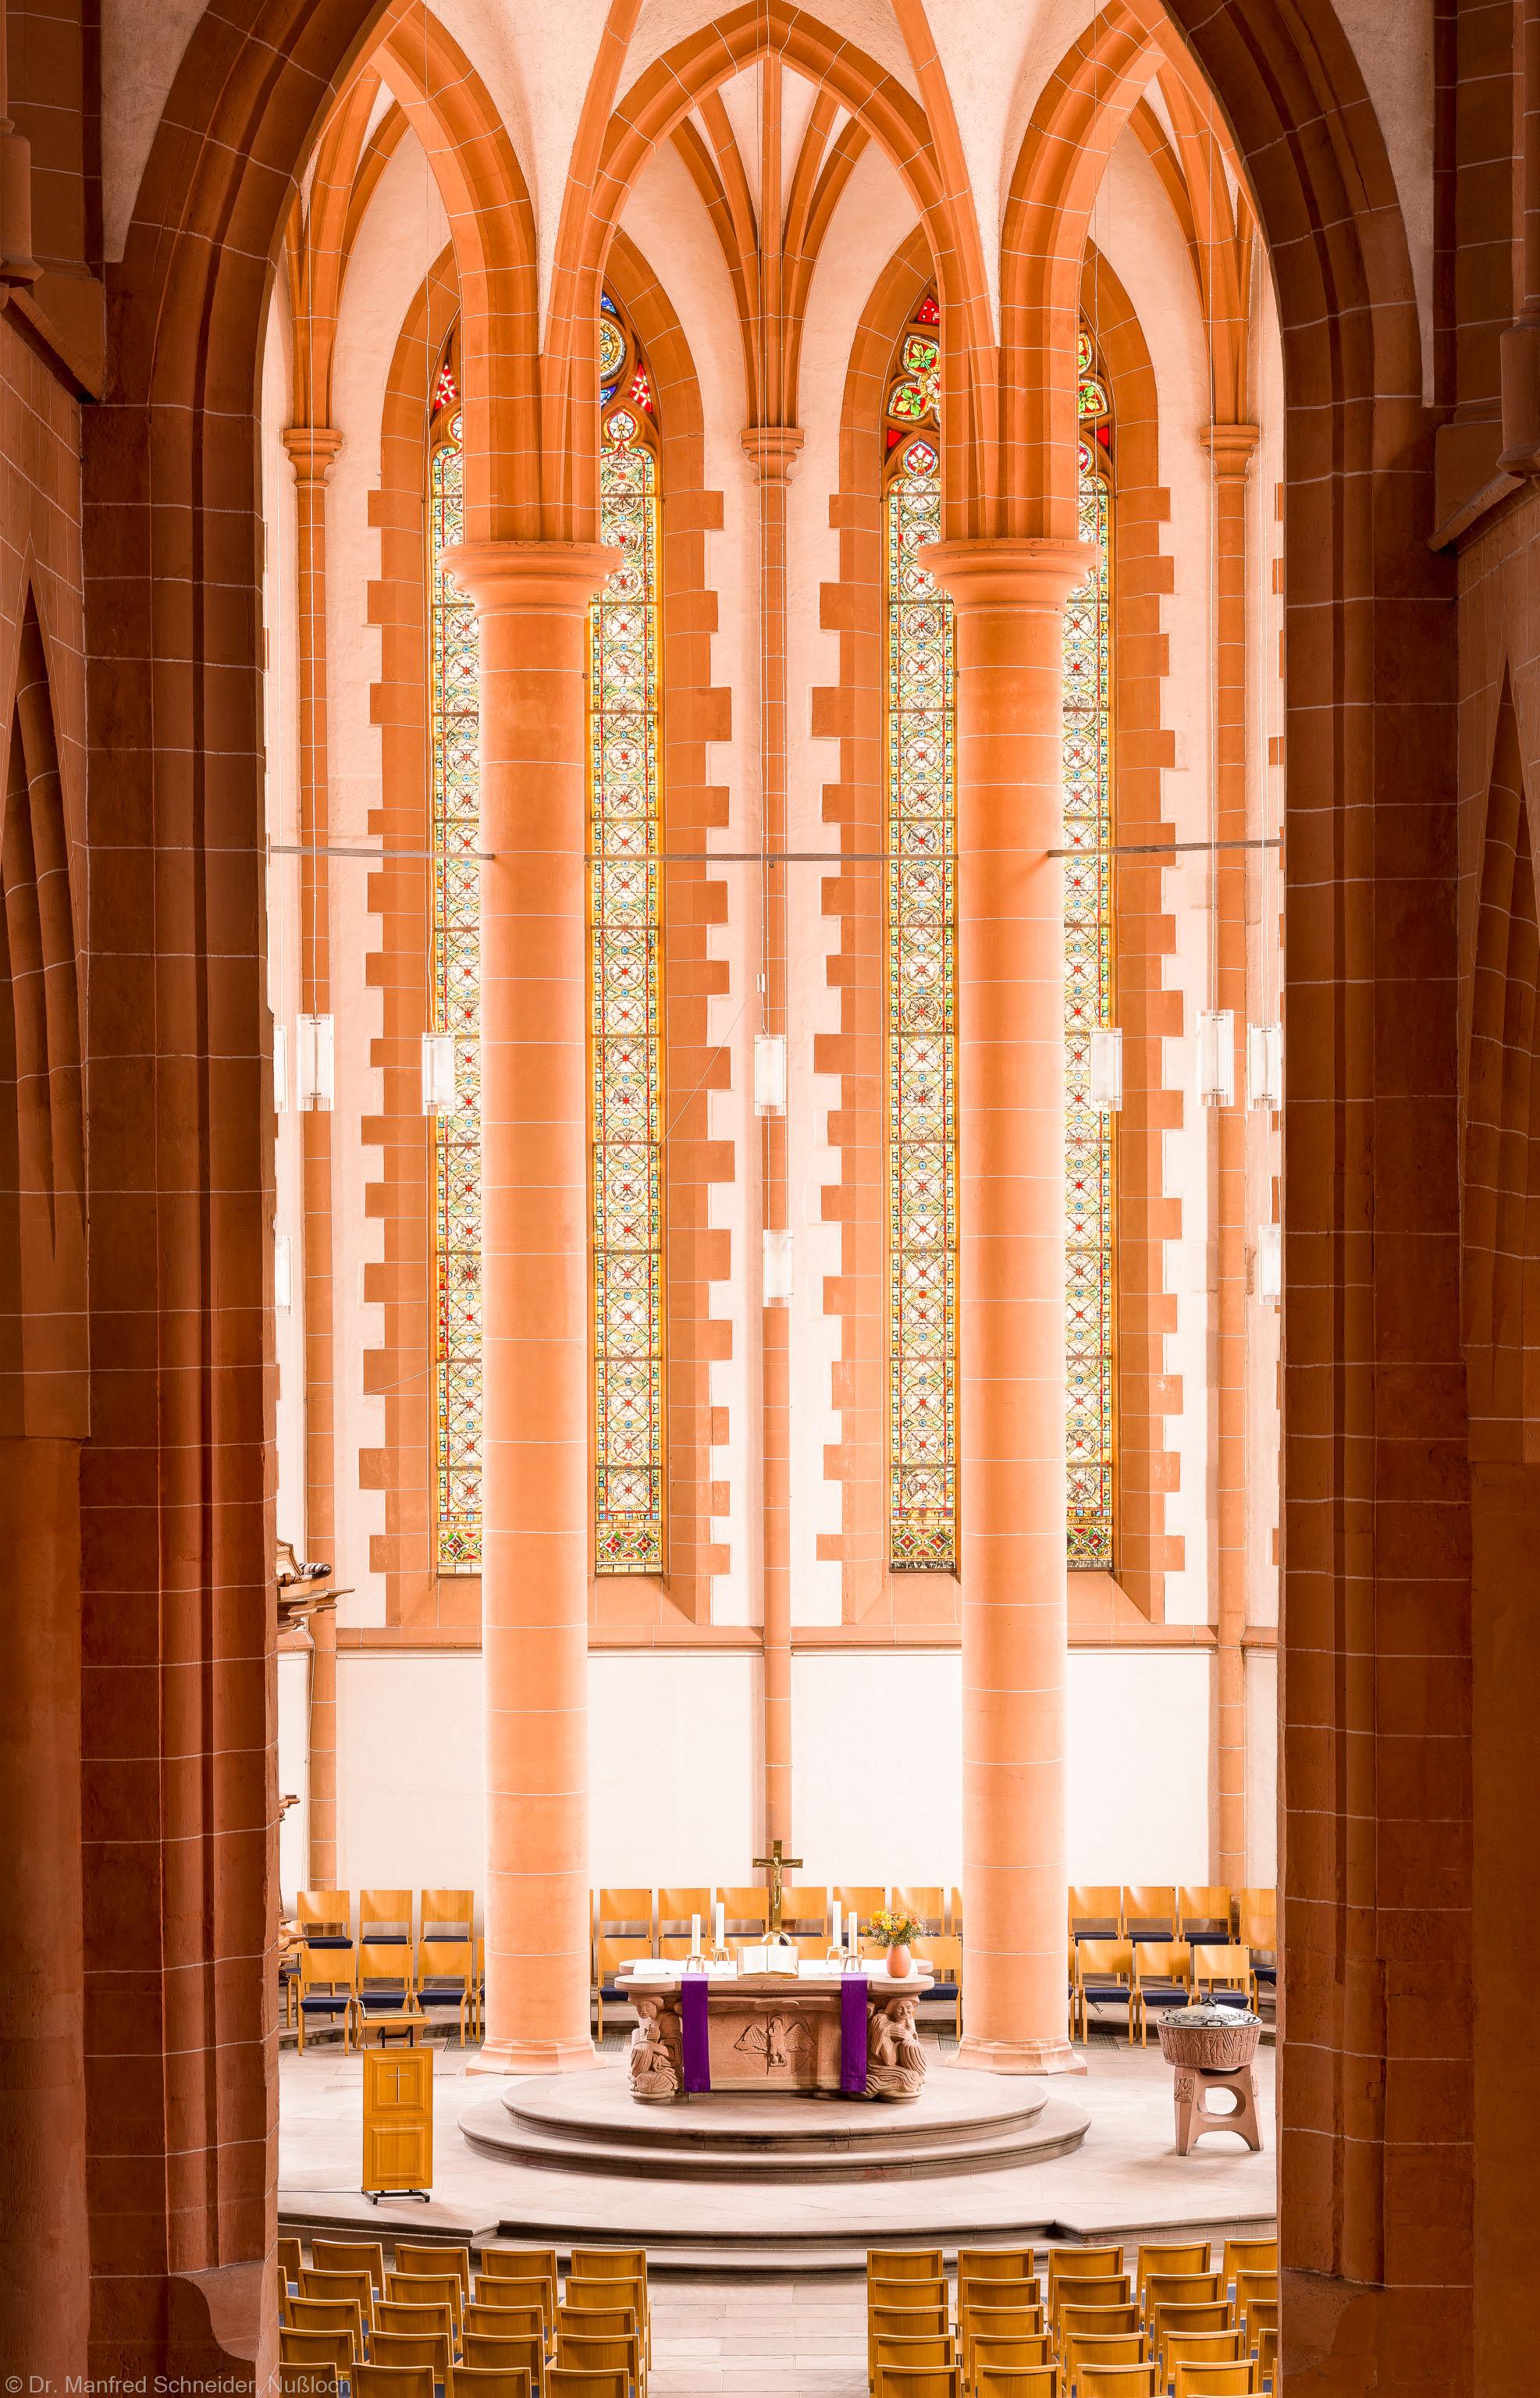 Heidelberg - Heiliggeistkirche - Chor - Blick von der Westempore in den Chor (aufgenommen im März 2013, am Nachmittag)